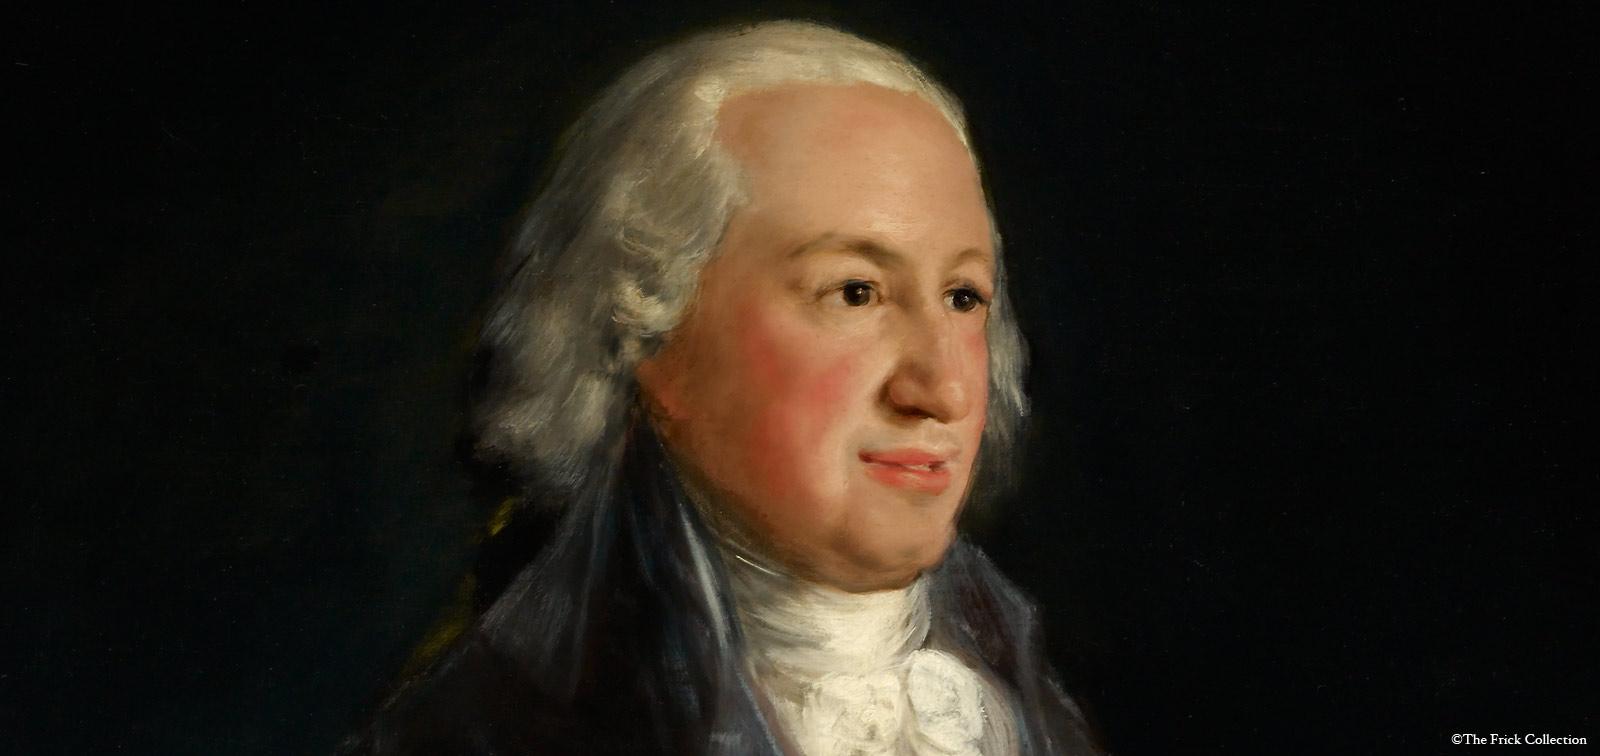 La obra invitada: Don Pedro de Alcántara Téllez-Girón y Pacheco, IX duque de Osuna